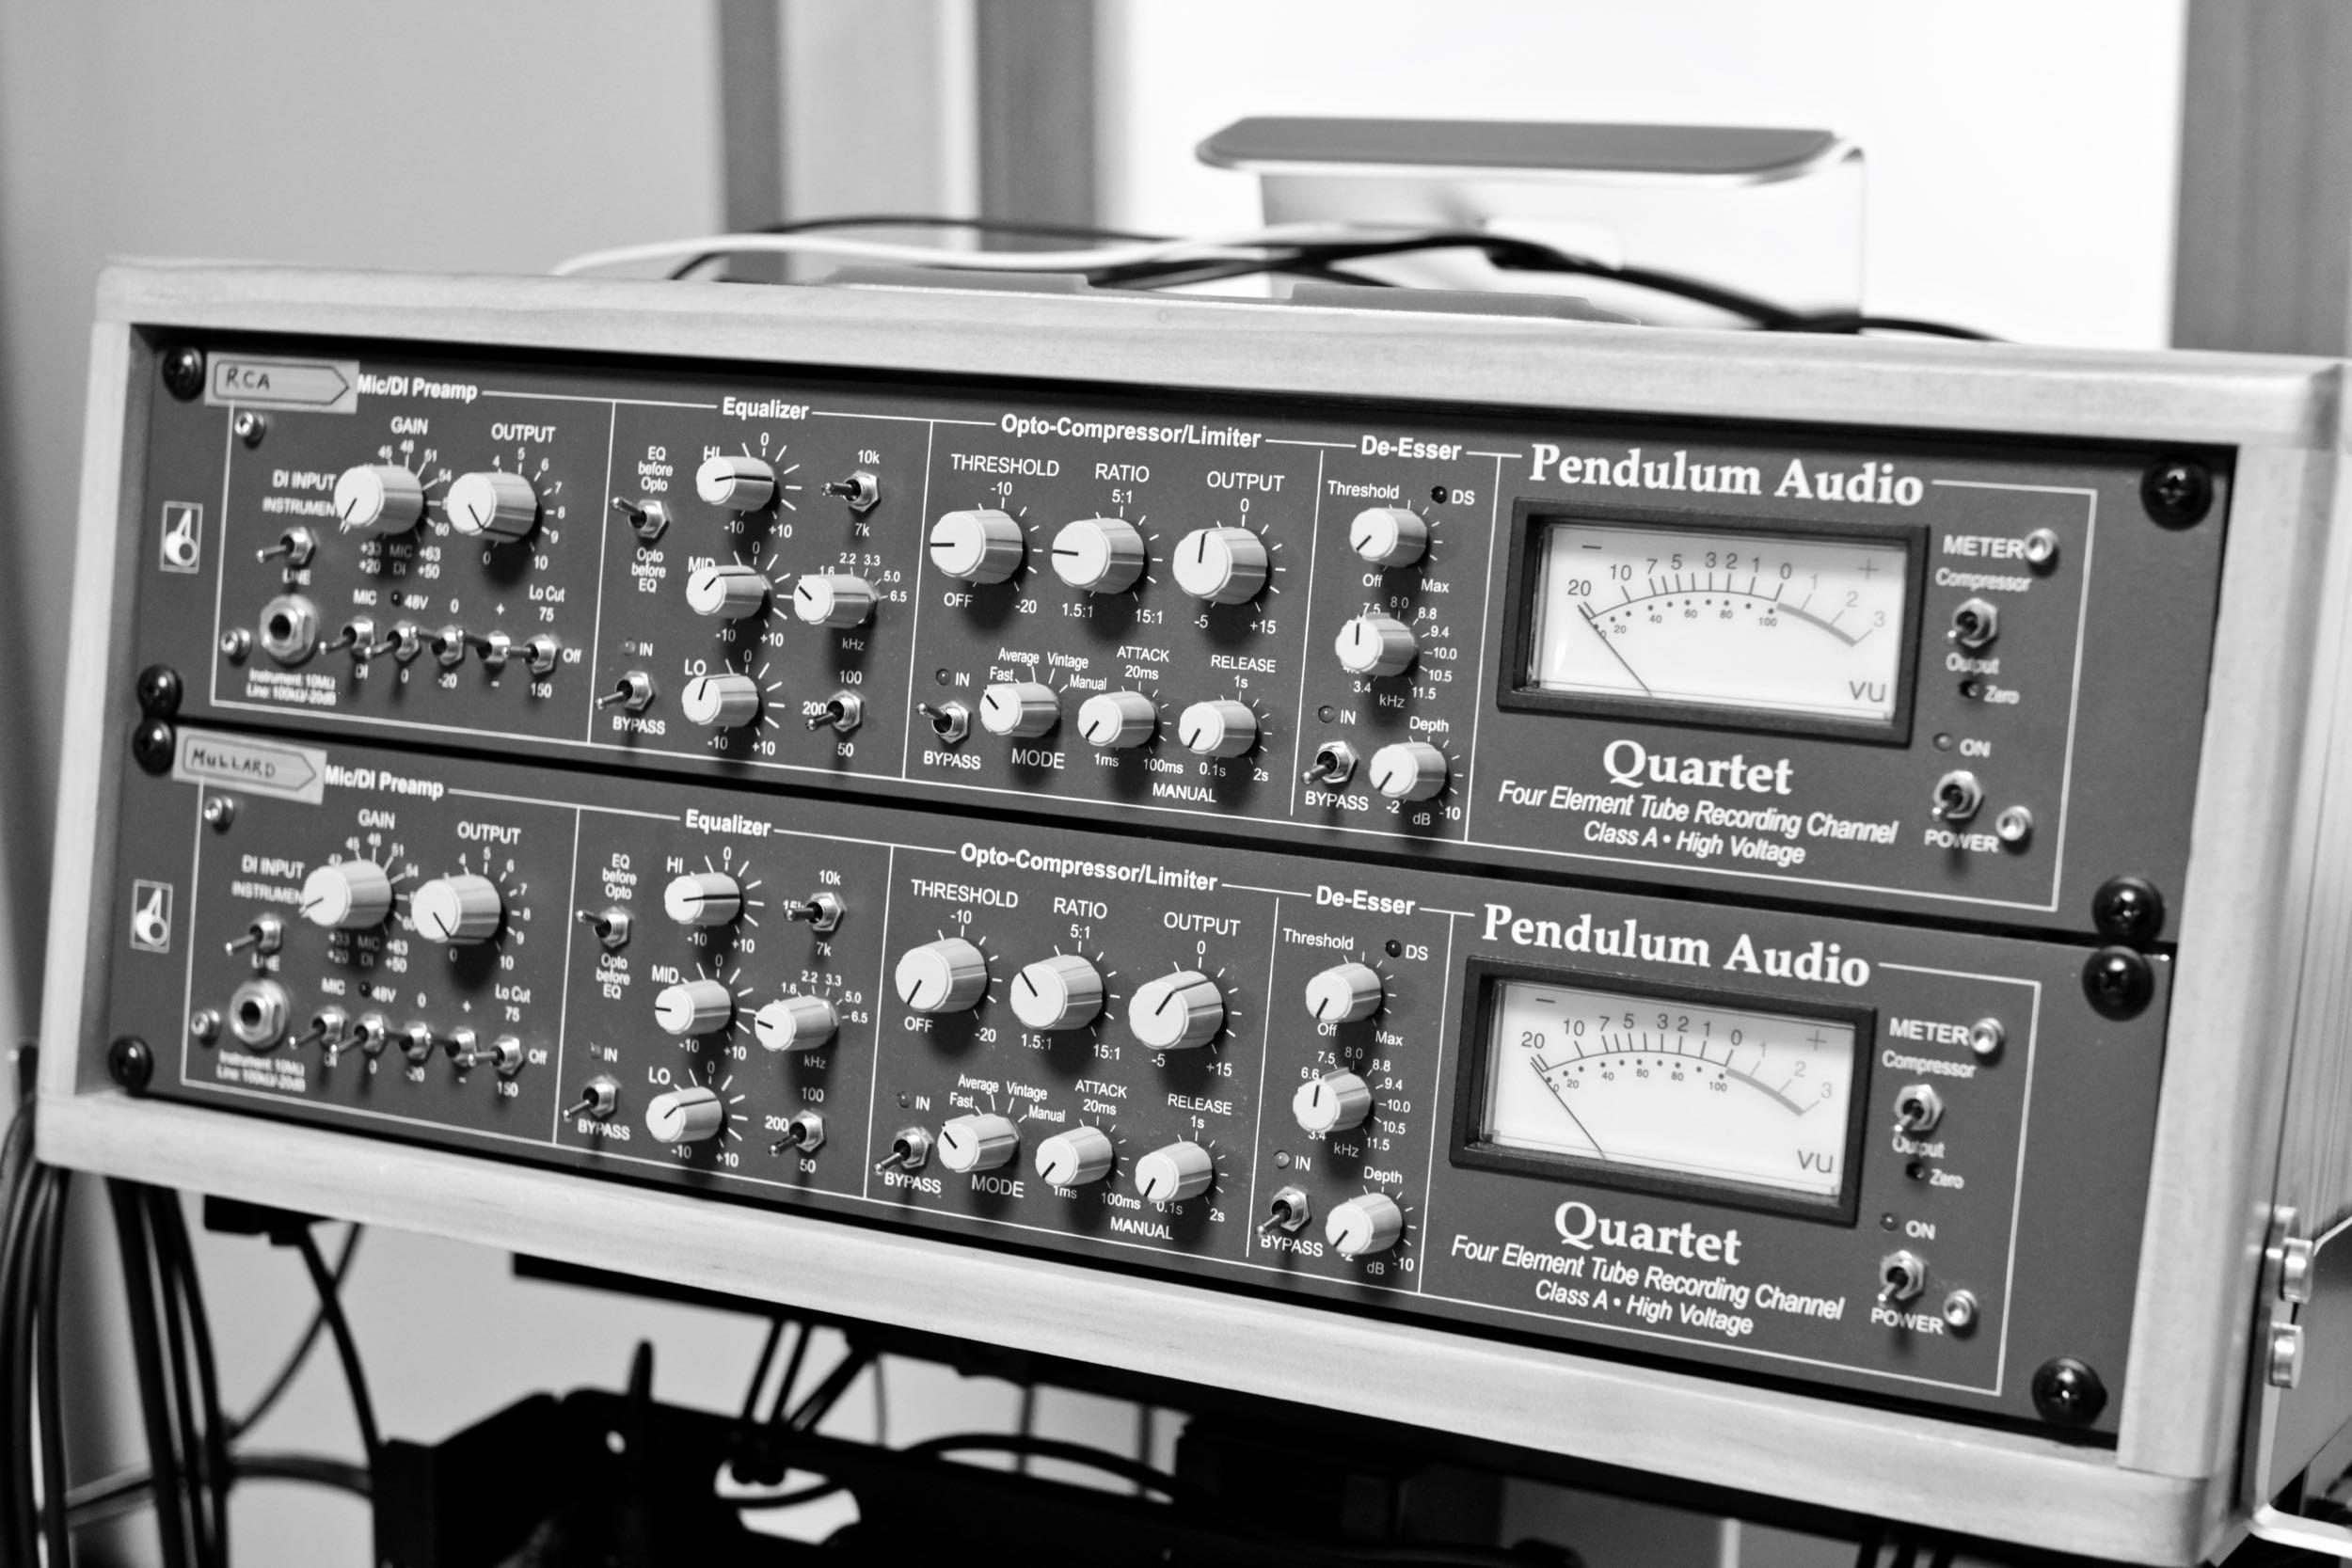 Pendulum Audio Quartets